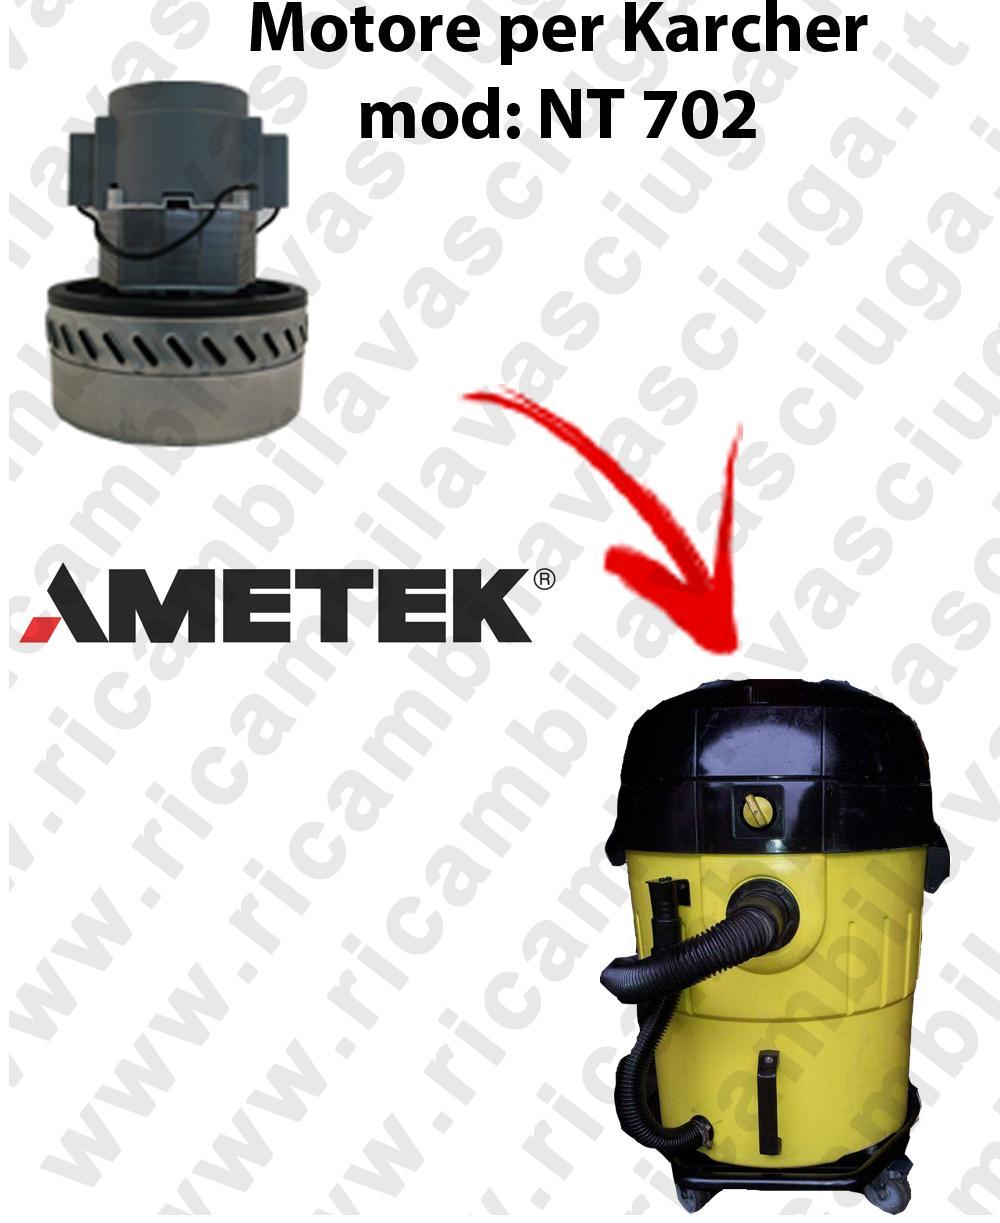 NT702 MOTORE ASPIRAZIONE AMETEK  per aspirapolvere KARCHER